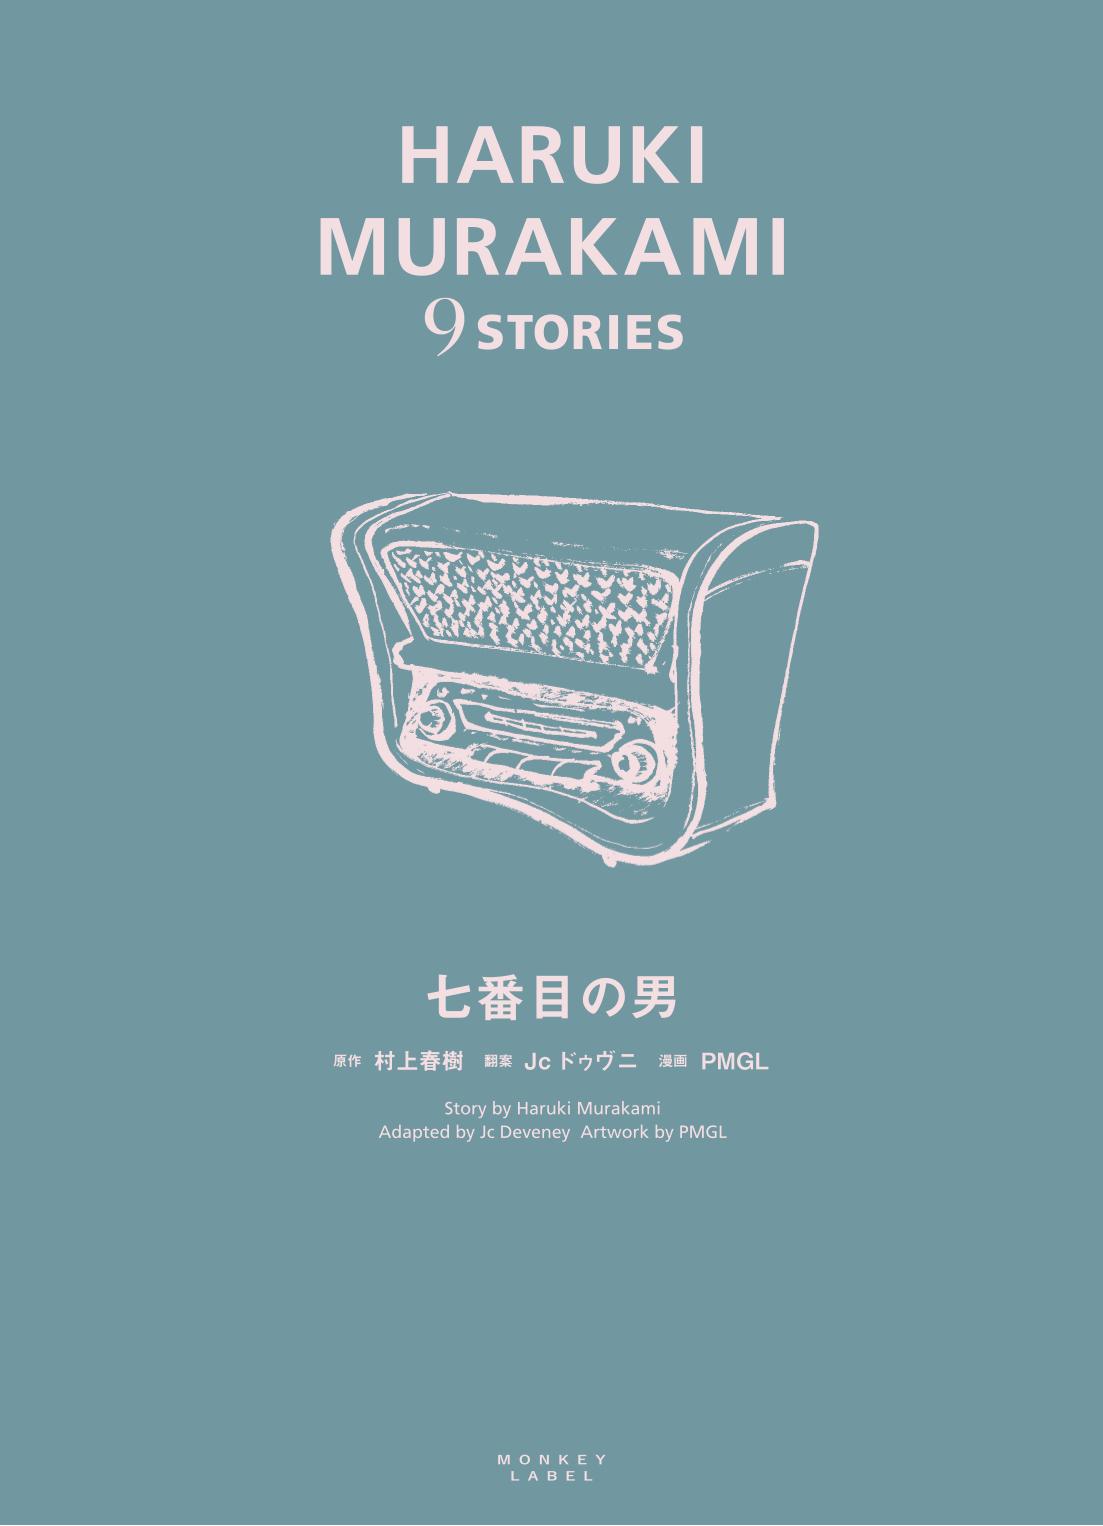 HARUKI MURAKAMI 9 STORIES 七番目の男